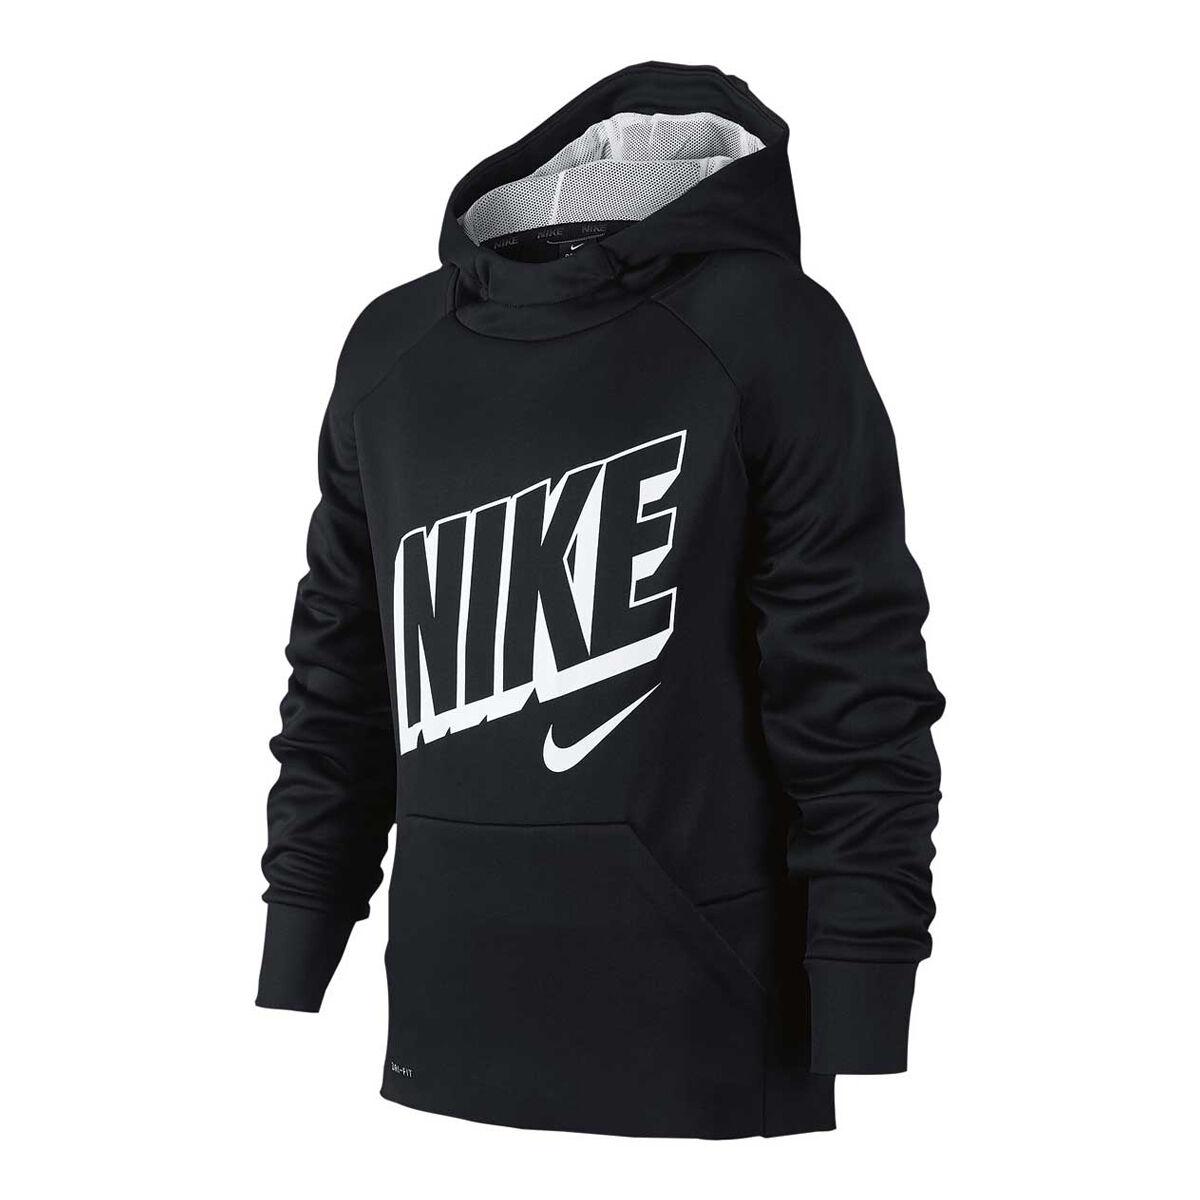 Clothing, Shoes & Accessories Puma Logo Hoodie*childrens Lg*black*nwt Sweatshirts & Hoodies